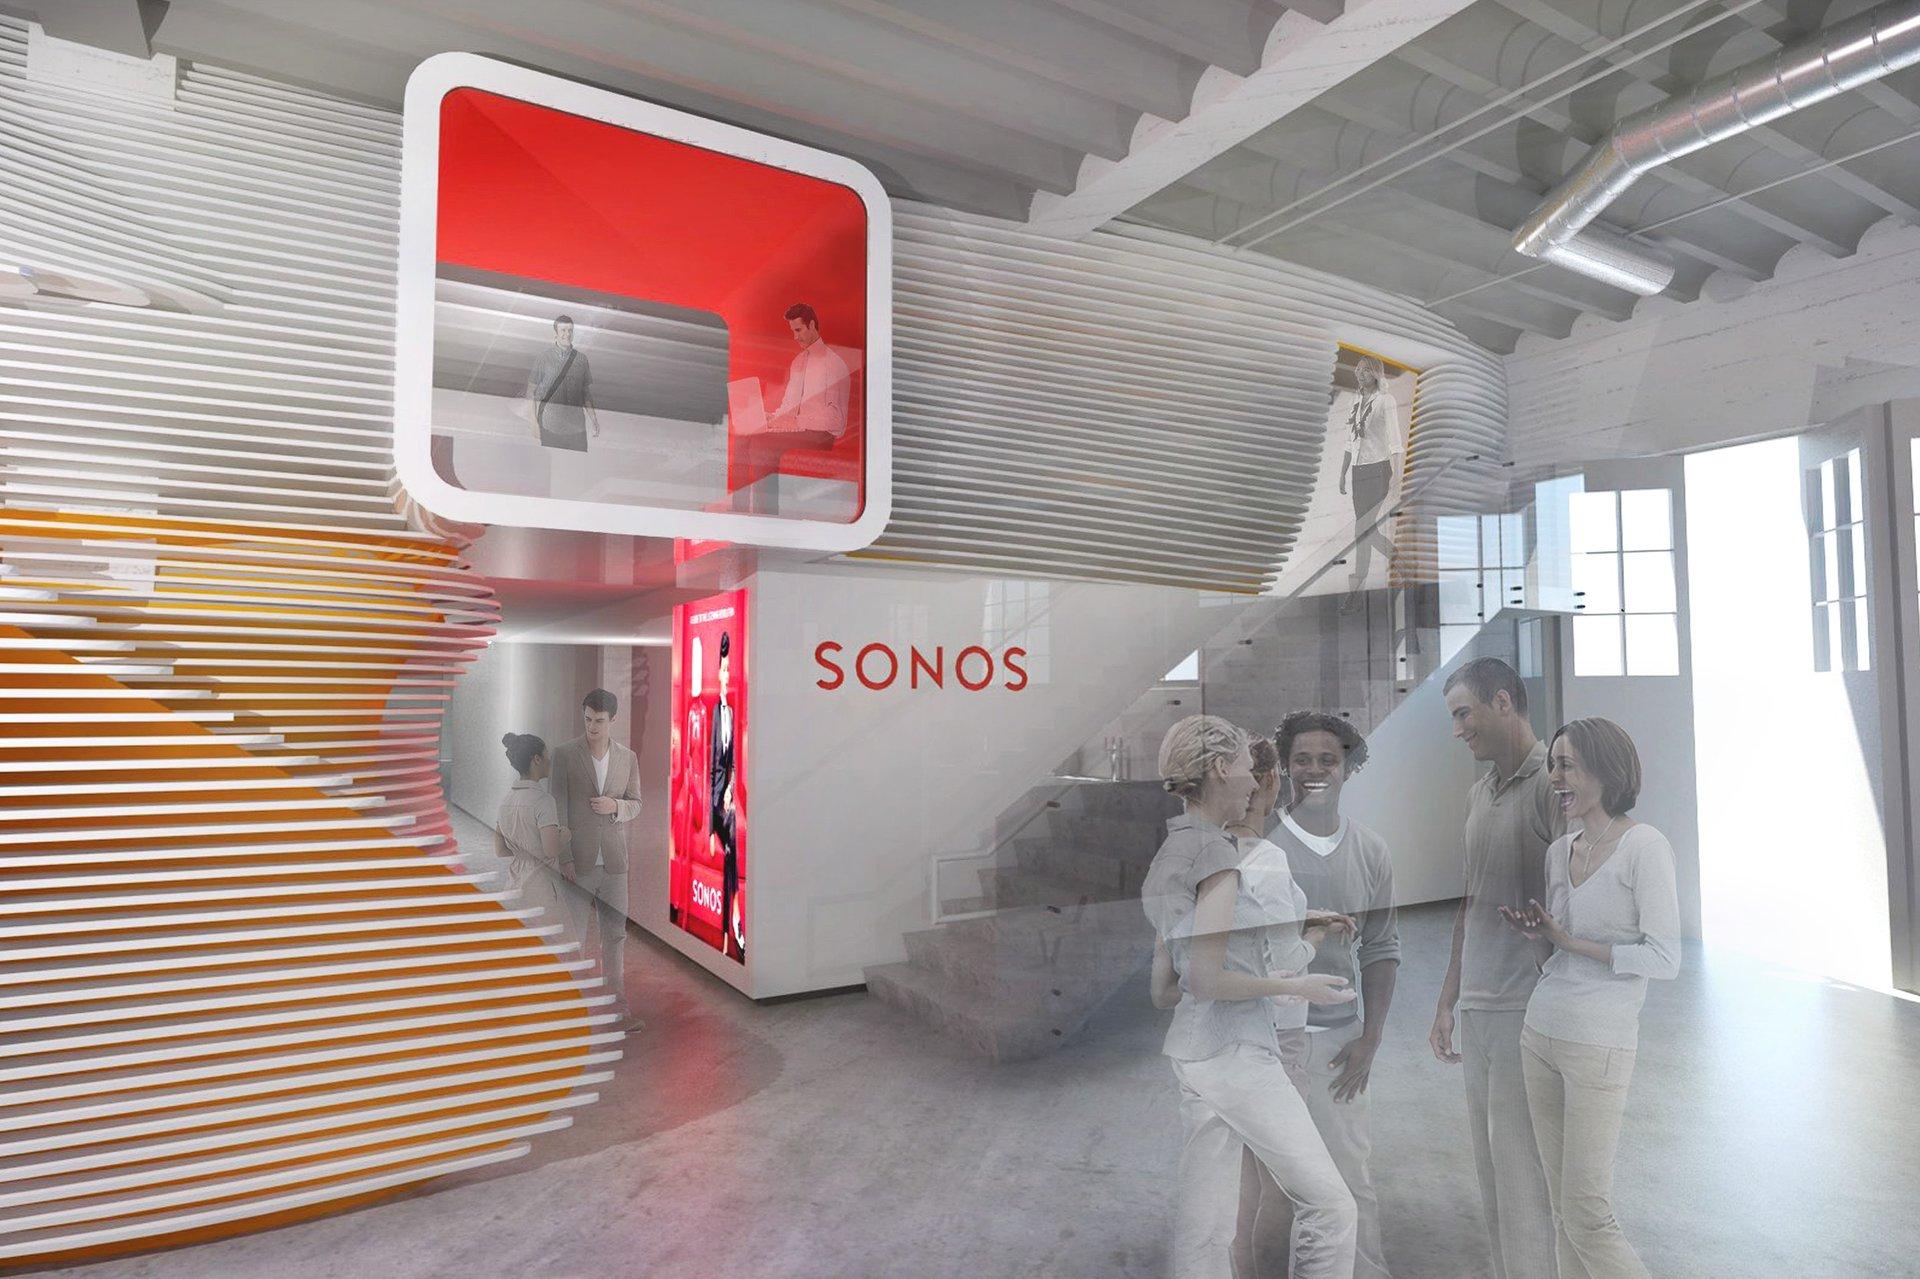 Sonos_Laboratories_Santa-Barbara_Hero@2x